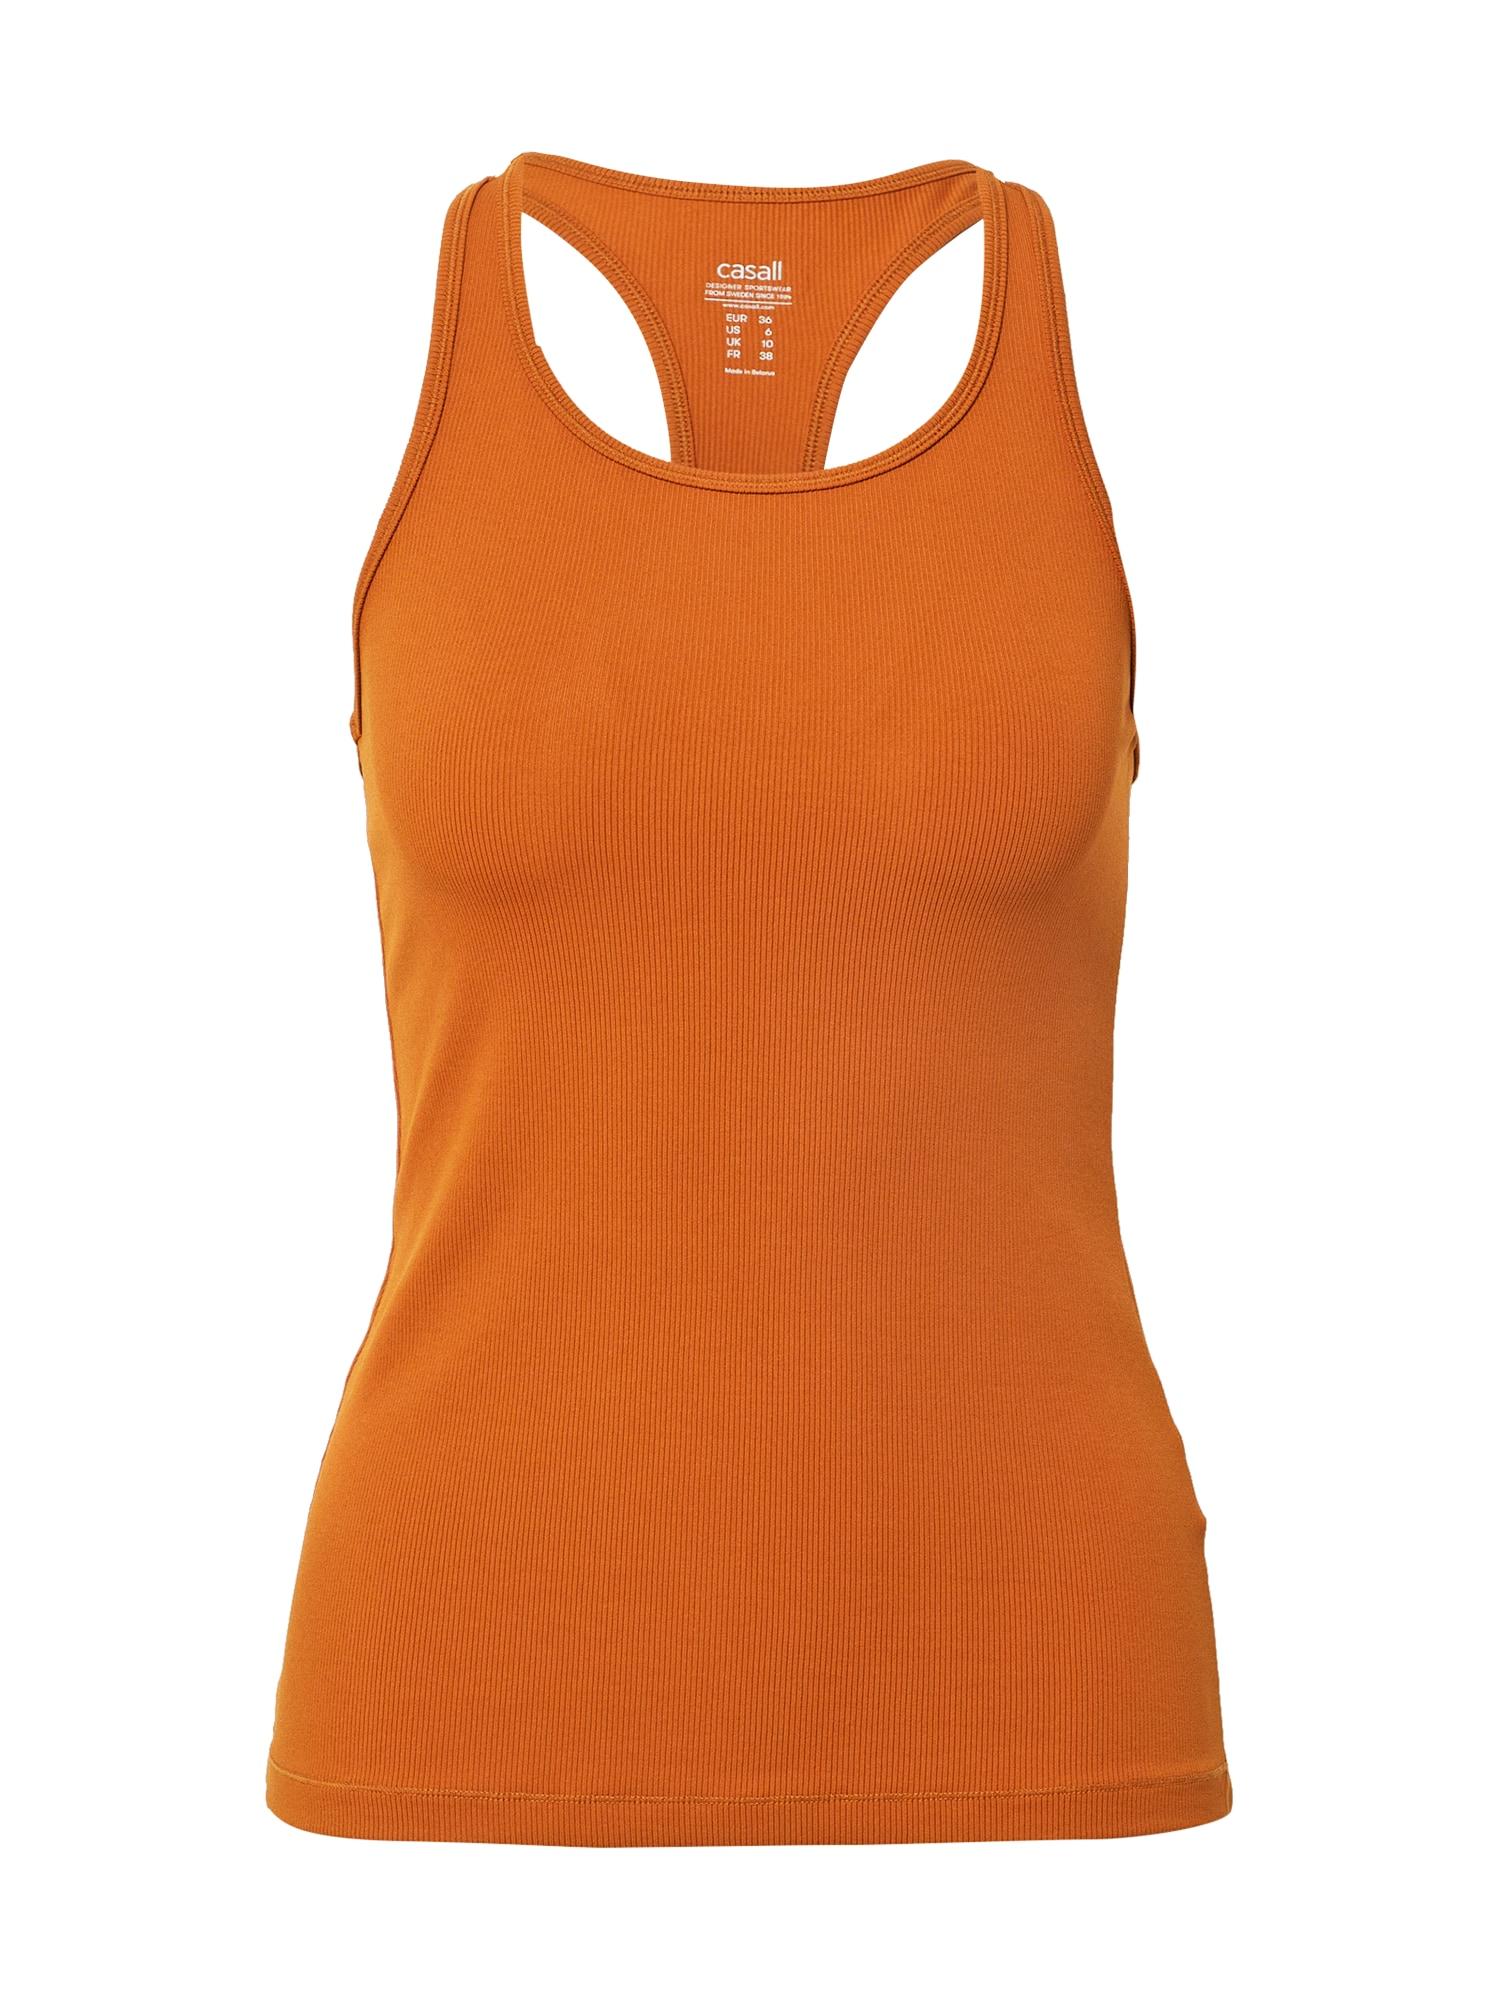 Casall Sportiniai marškinėliai be rankovių ruda (konjako)